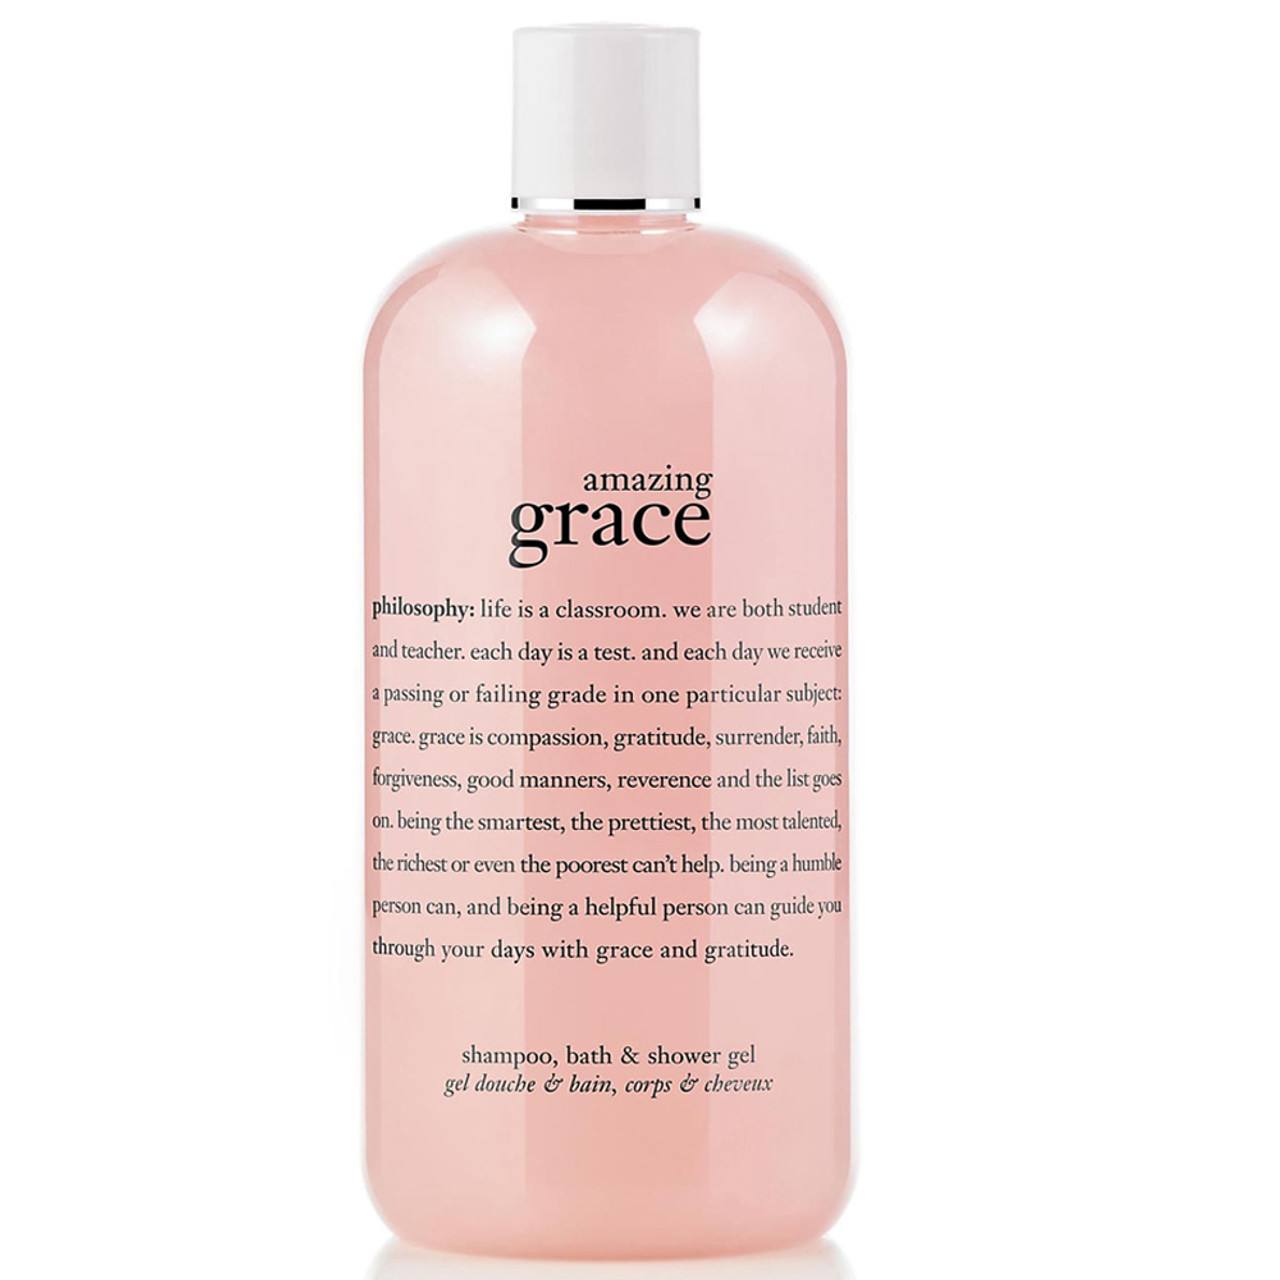 philosophy Amazing Grace Shower Gel